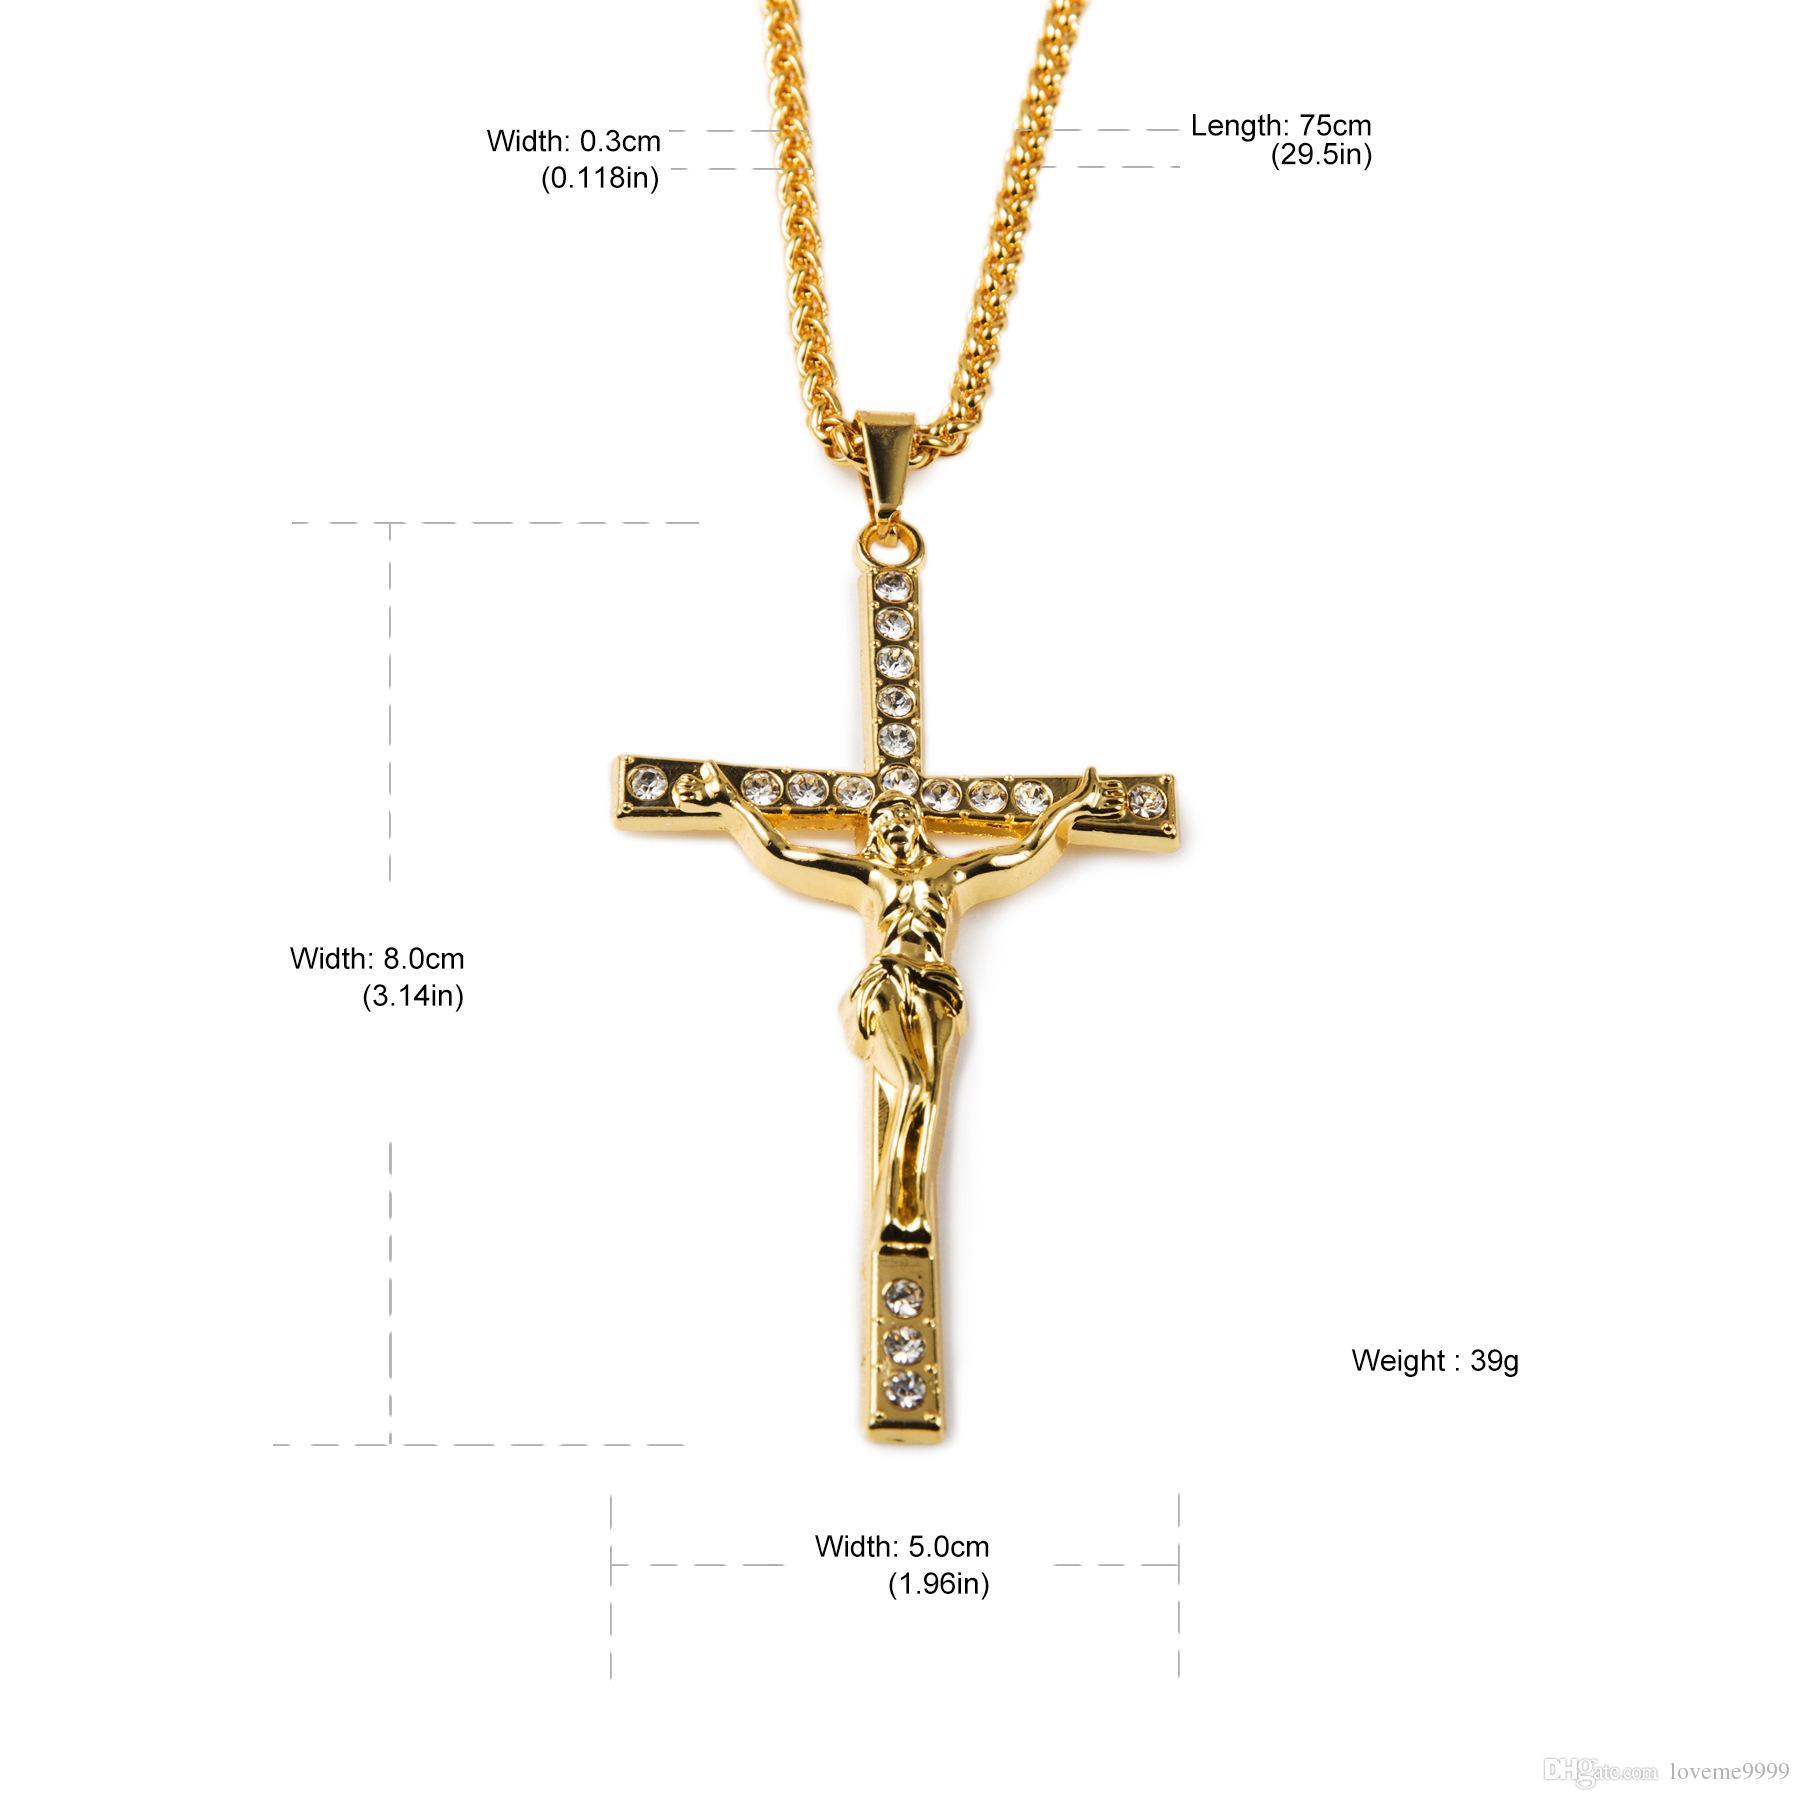 Хип-хоп ожерелье 18k желтое золото покрытием Iced Out Иисус Христос крест подвески цепи ожерелье мужчины женщины хип-хоп ювелирные изделия аксессуар